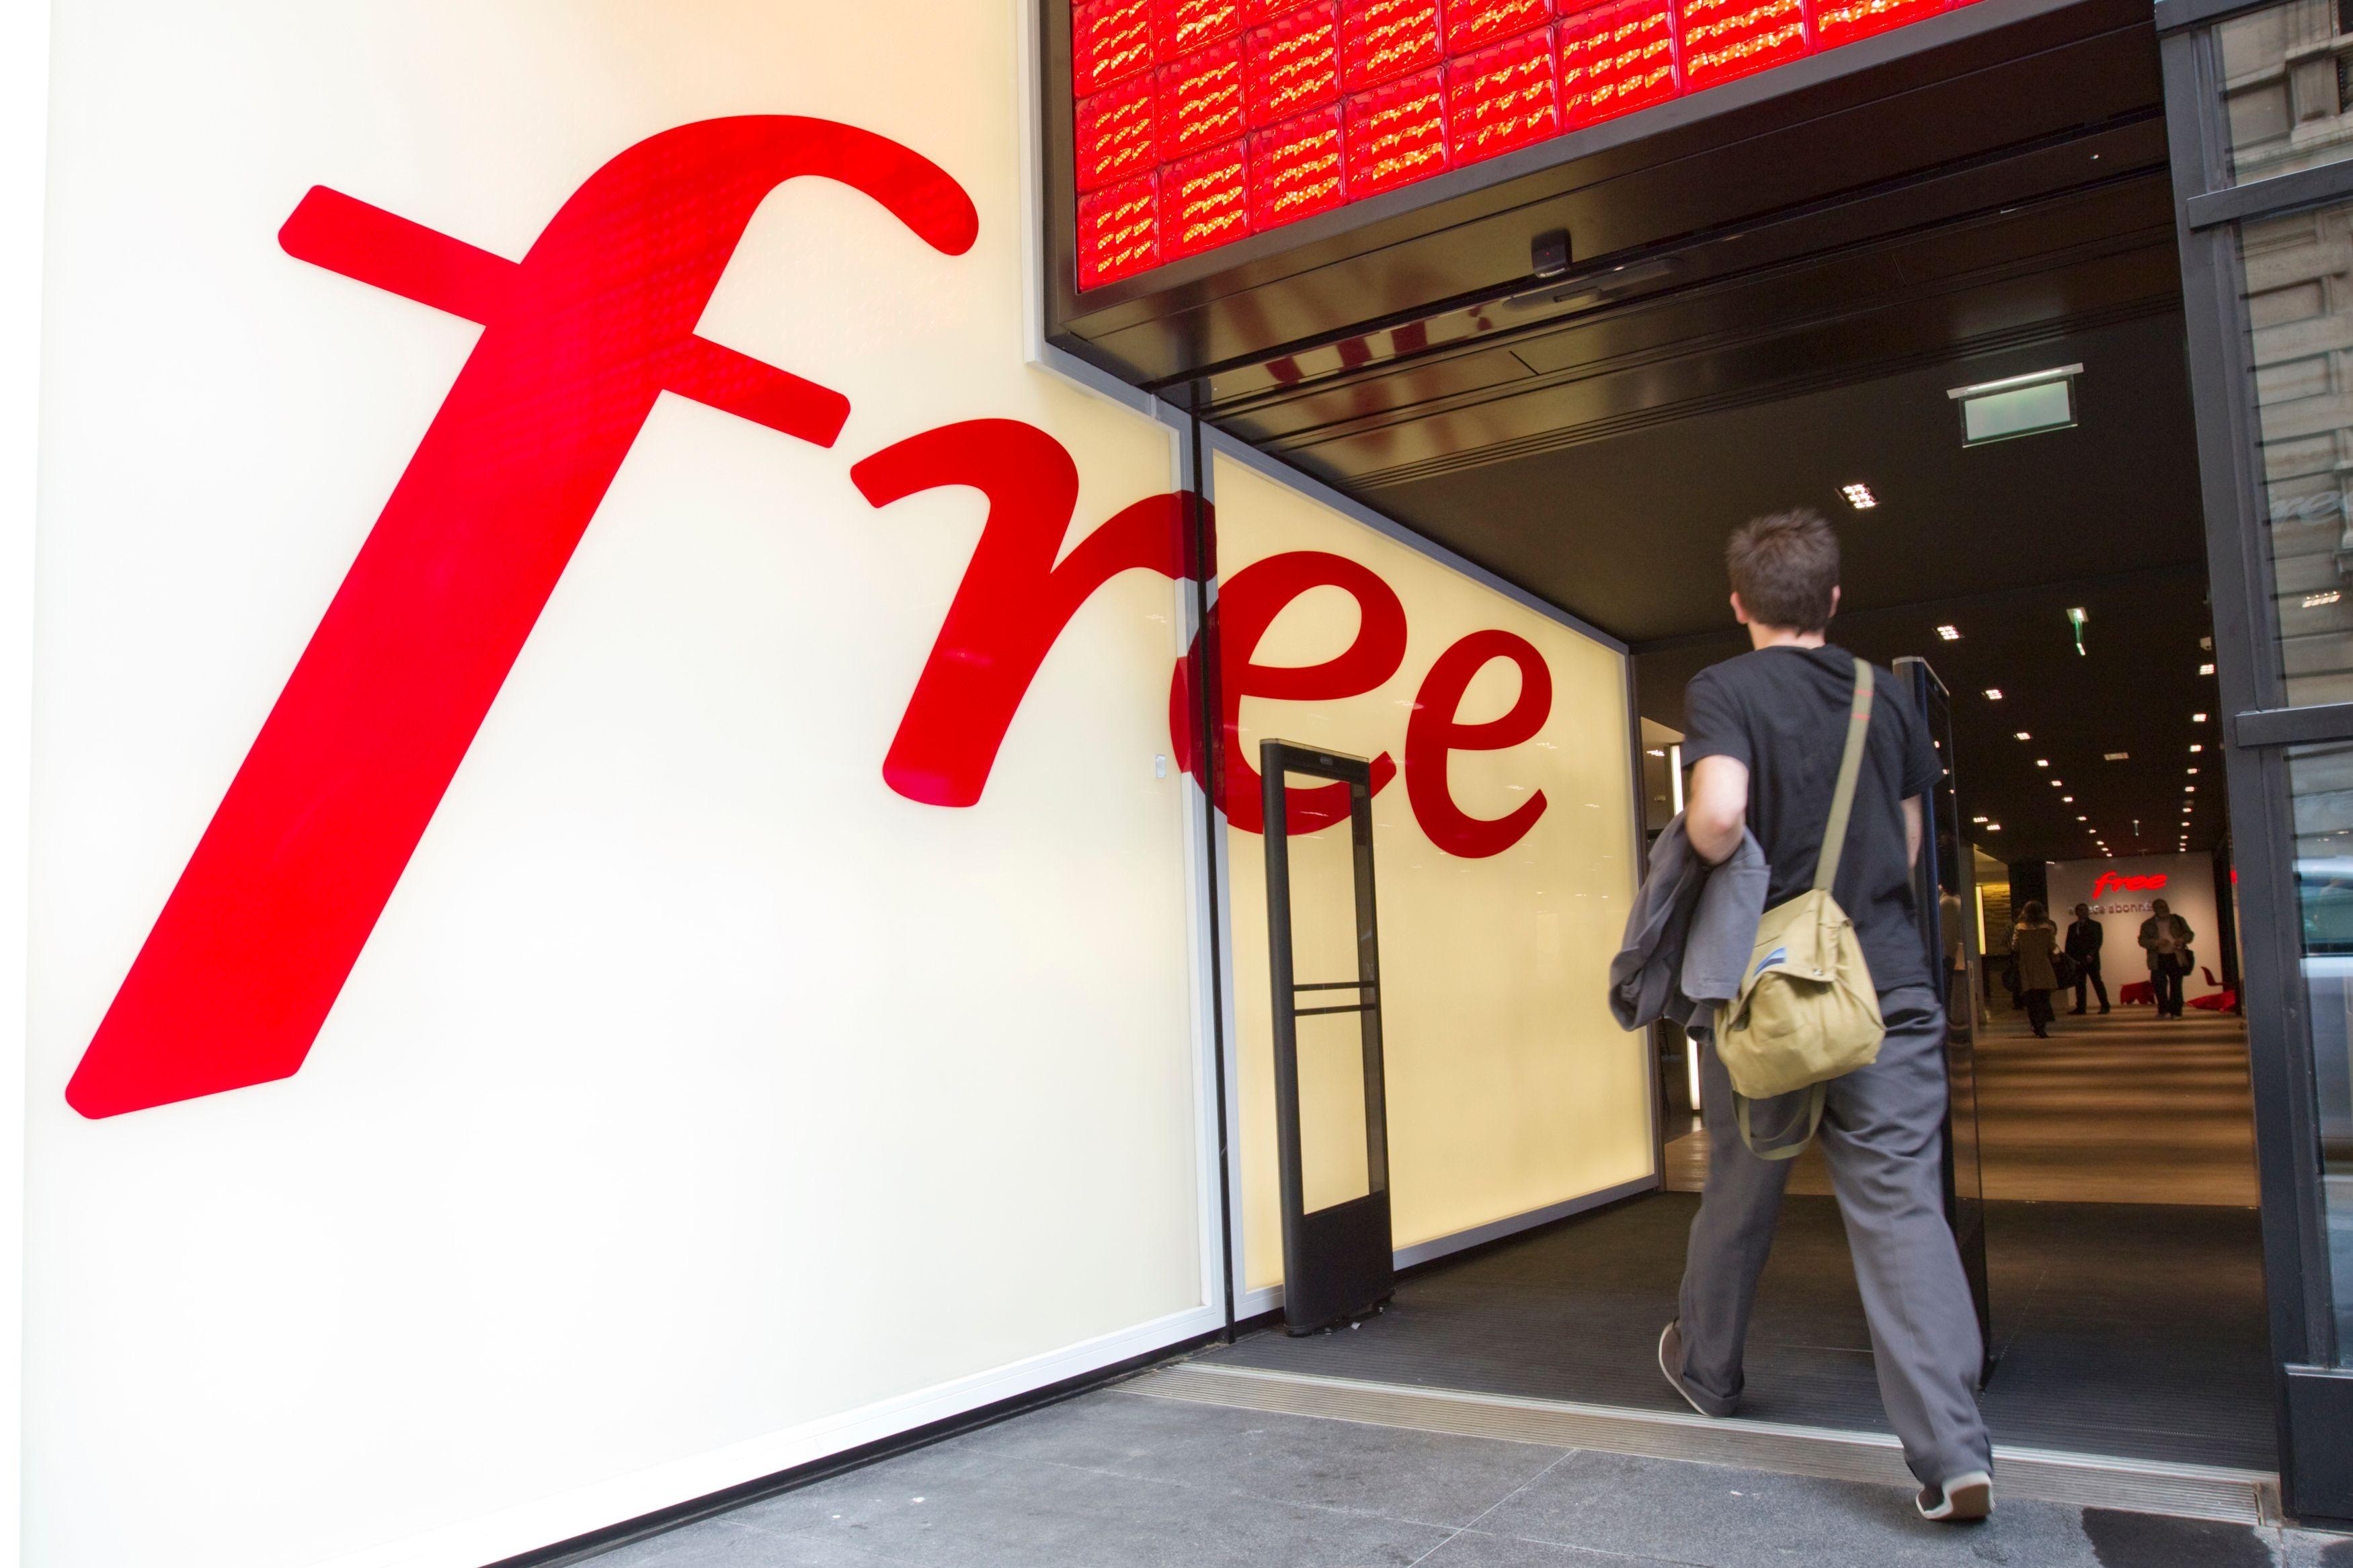 Graphique : Deux ans après l'arrivée de Free, les opérateurs historiques dominent toujours le marché